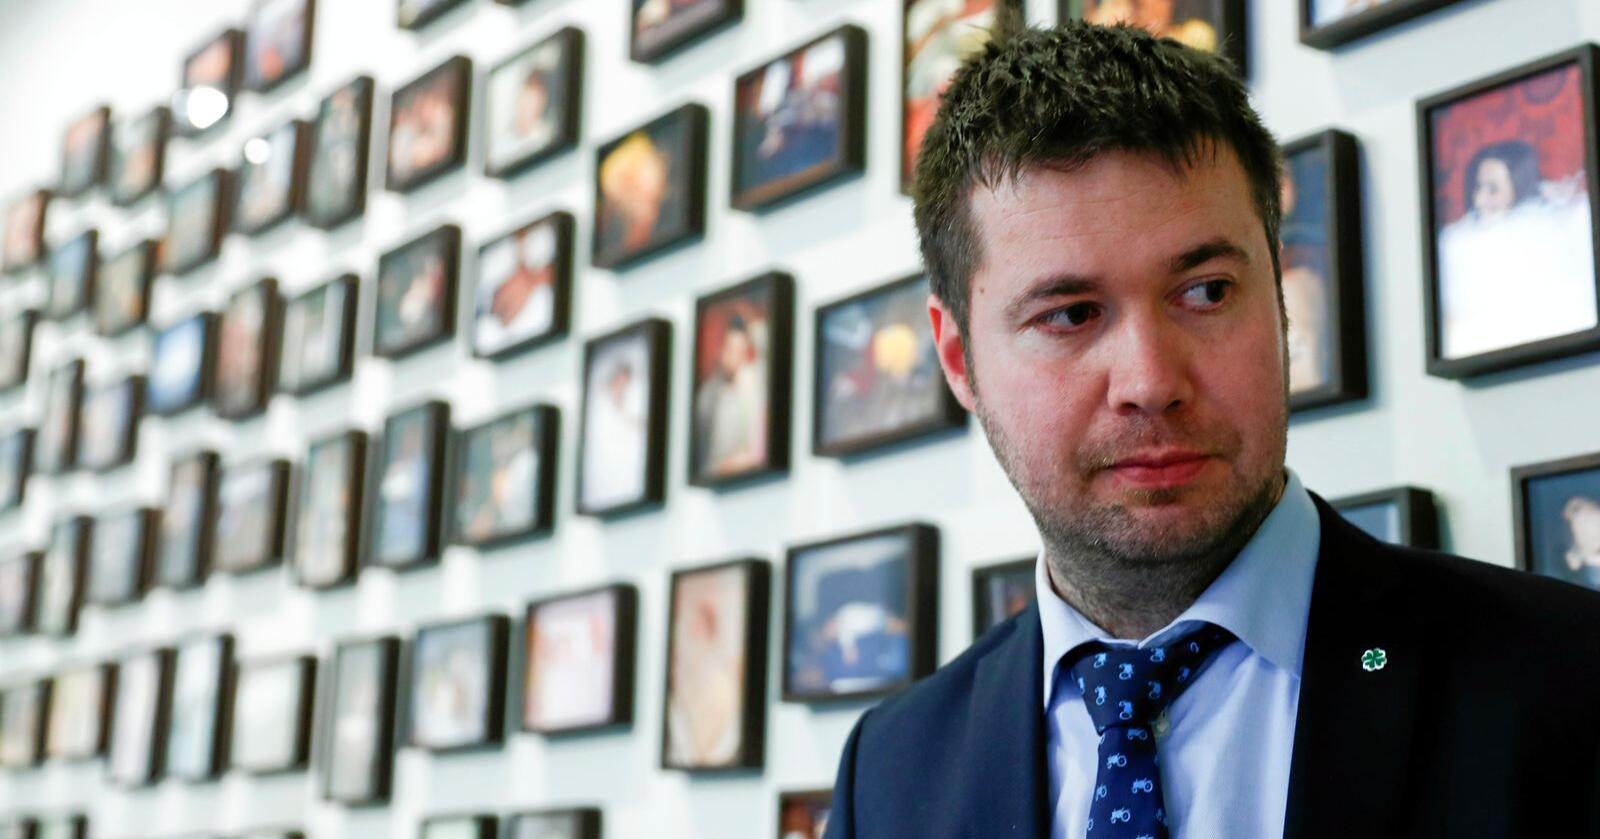 Forsvarar støttekutt til Noah: Geir Pollestad, leiar av næringskomiteen på Stortinget (Sp). Foto: Terje Pedersen / NTB scanpix